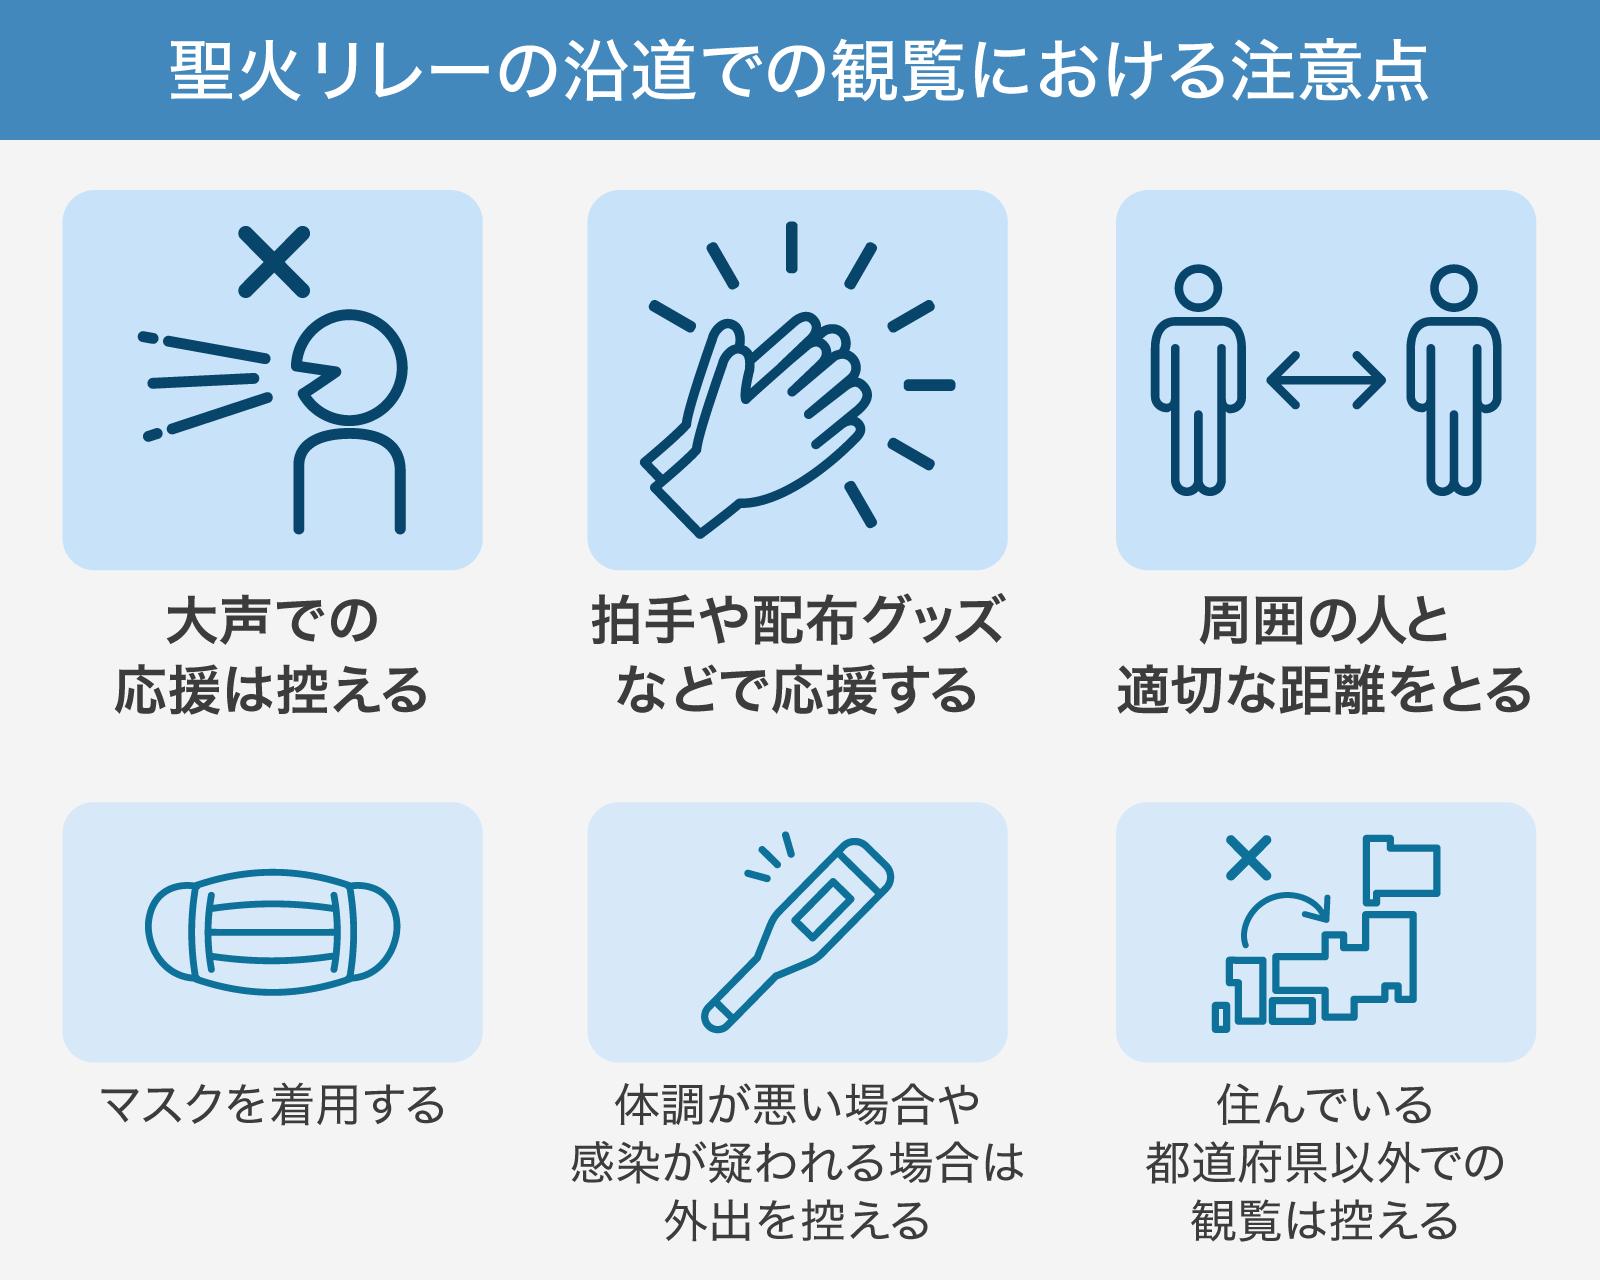 観覧における注意点 - 聖火リレー - 東京オリンピック・パラリンピック ...